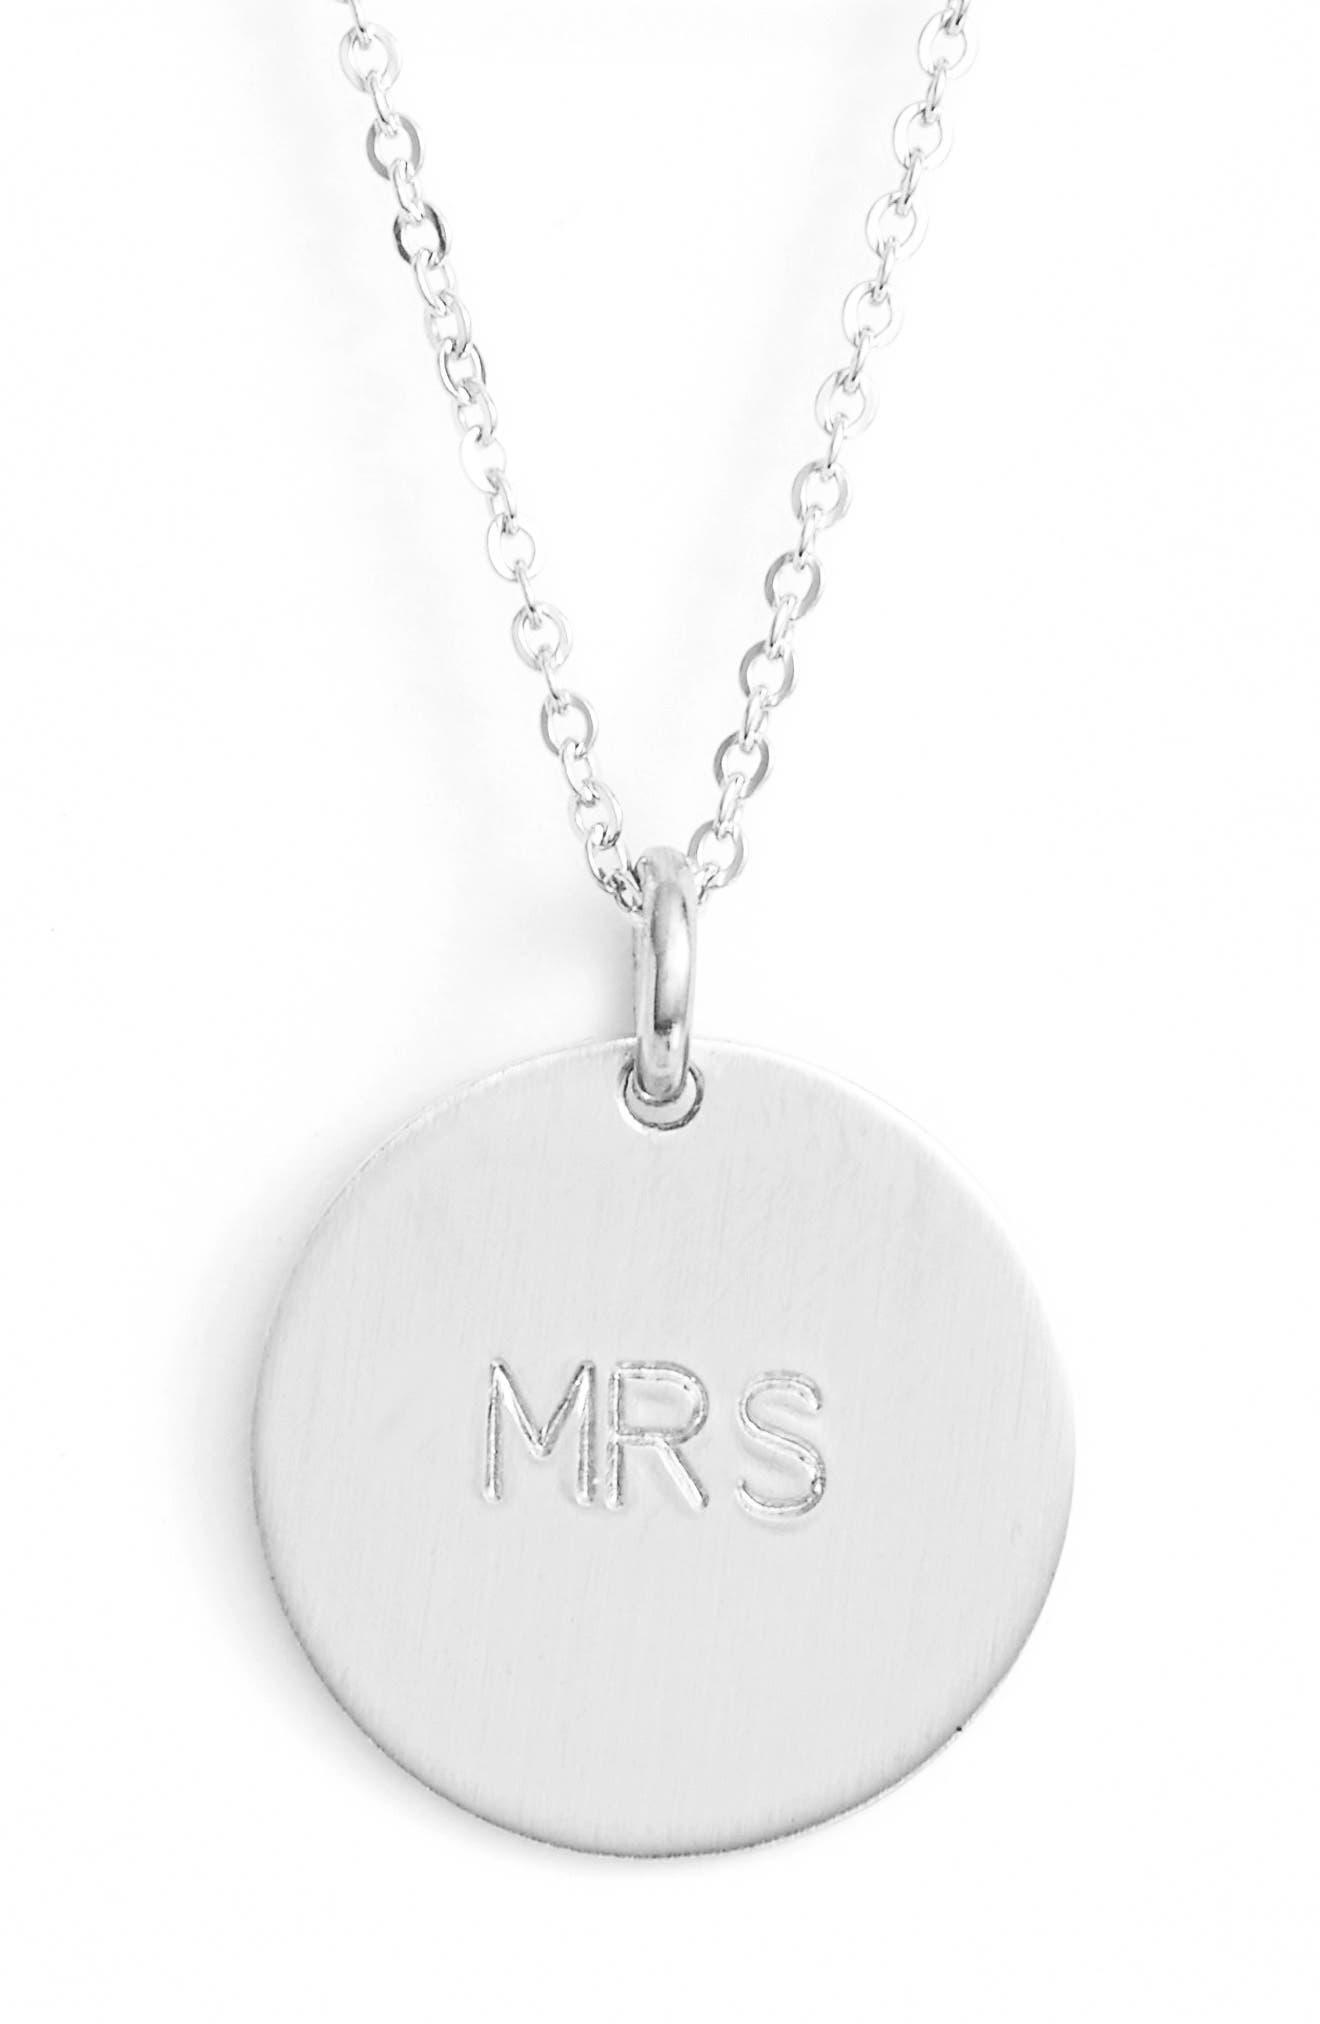 Alternate Image 1 Selected - Nashelle Newlywed Pendant Necklace